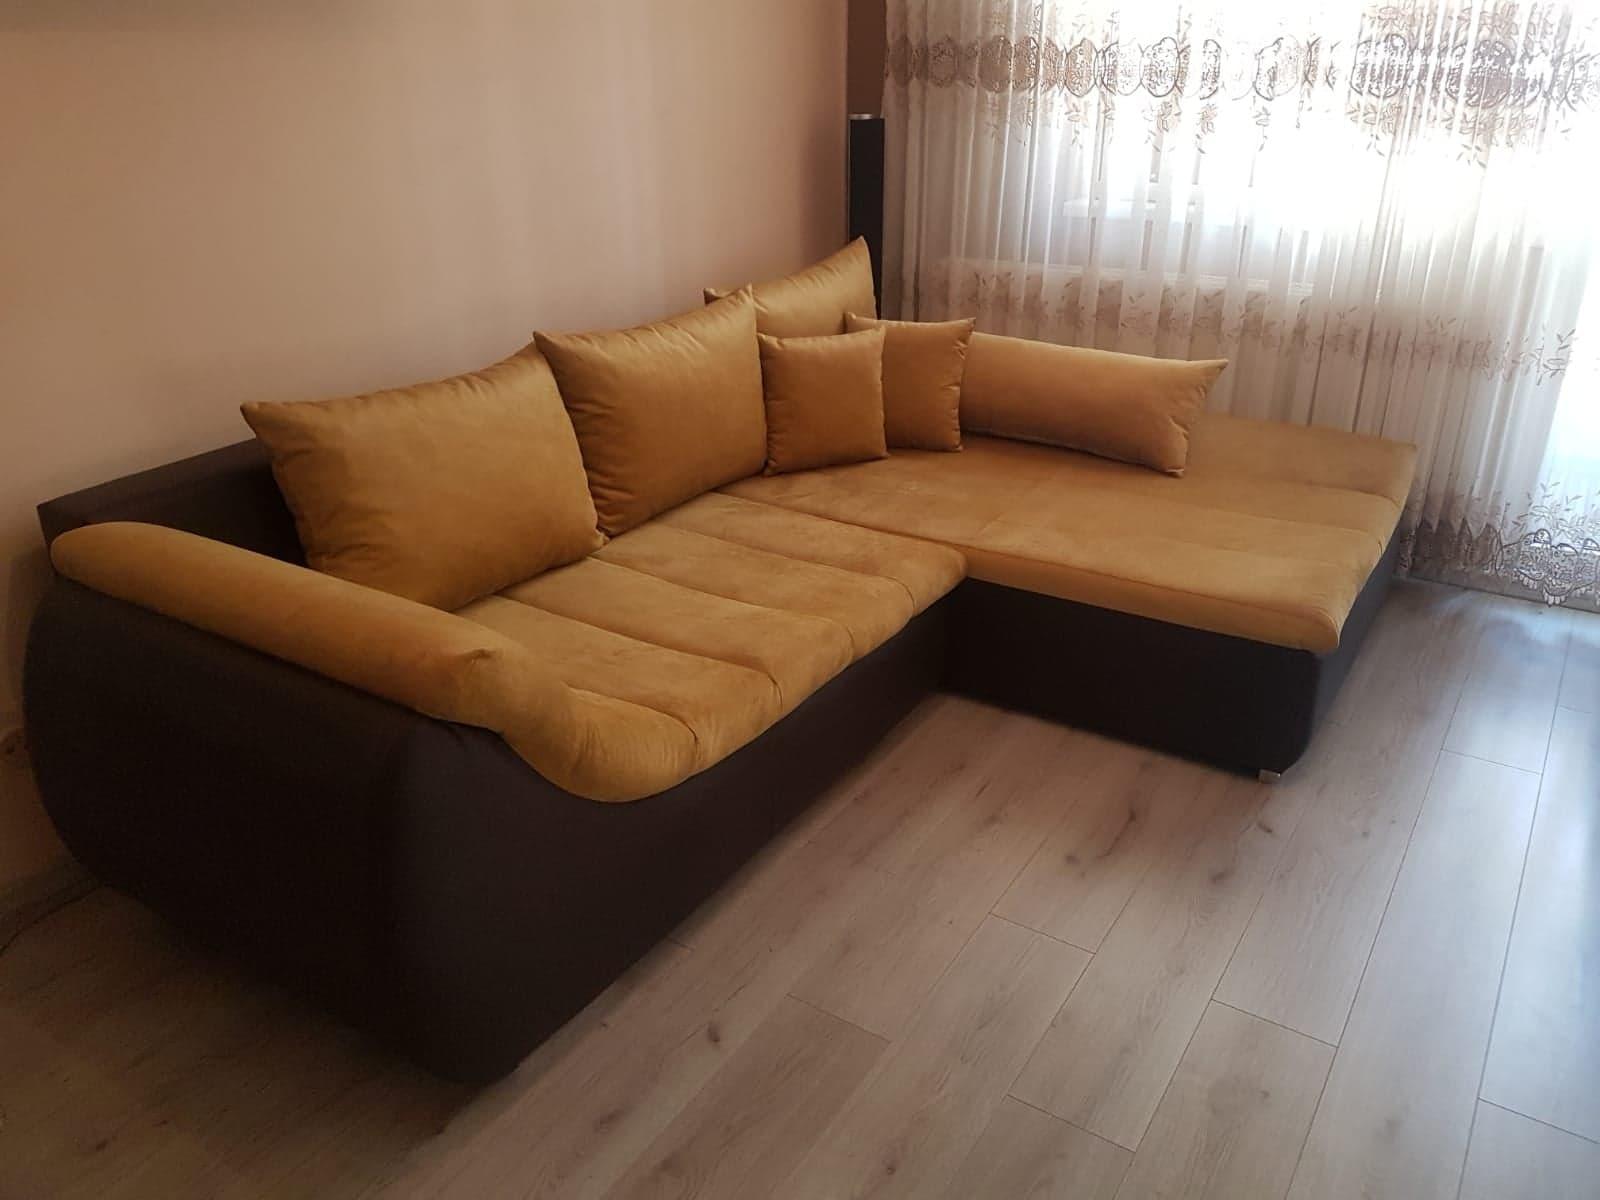 reparare canapea cu sezlong